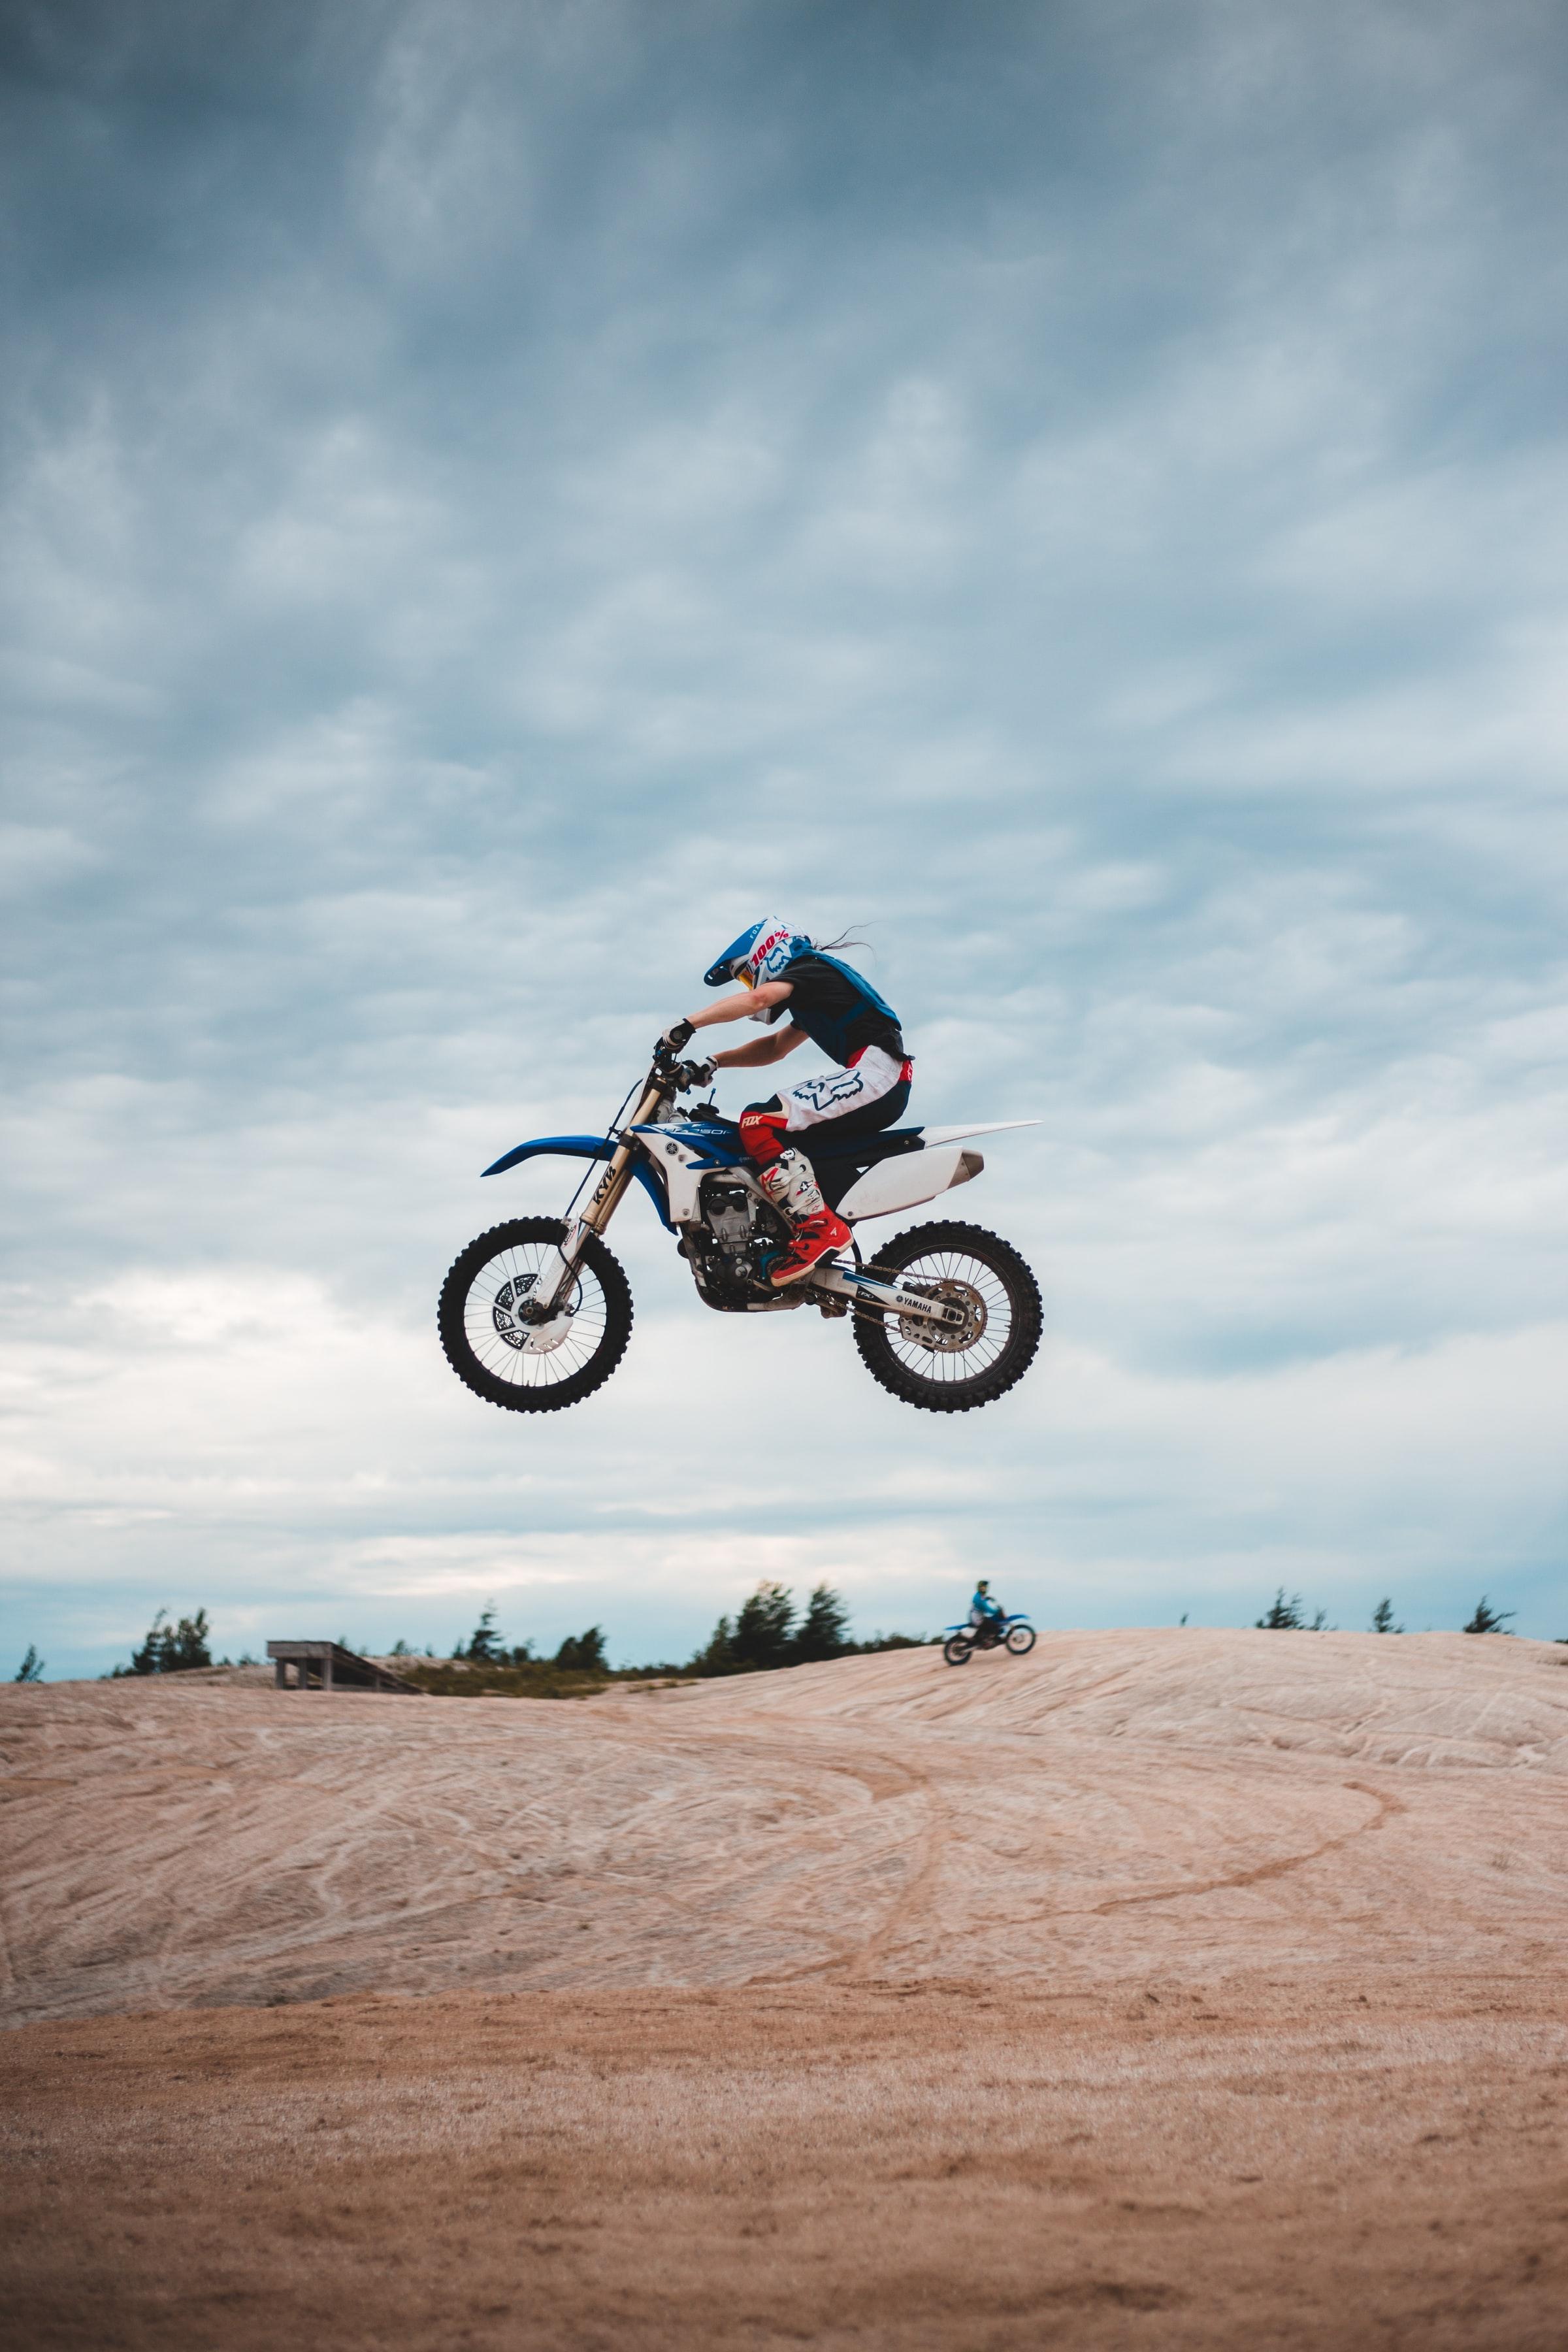 143457 Hintergrundbild herunterladen Motorräder, Motorradfahrer, Seitenansicht, Helm, Motorrad, Fahrrad, Prallen, Springen - Bildschirmschoner und Bilder kostenlos